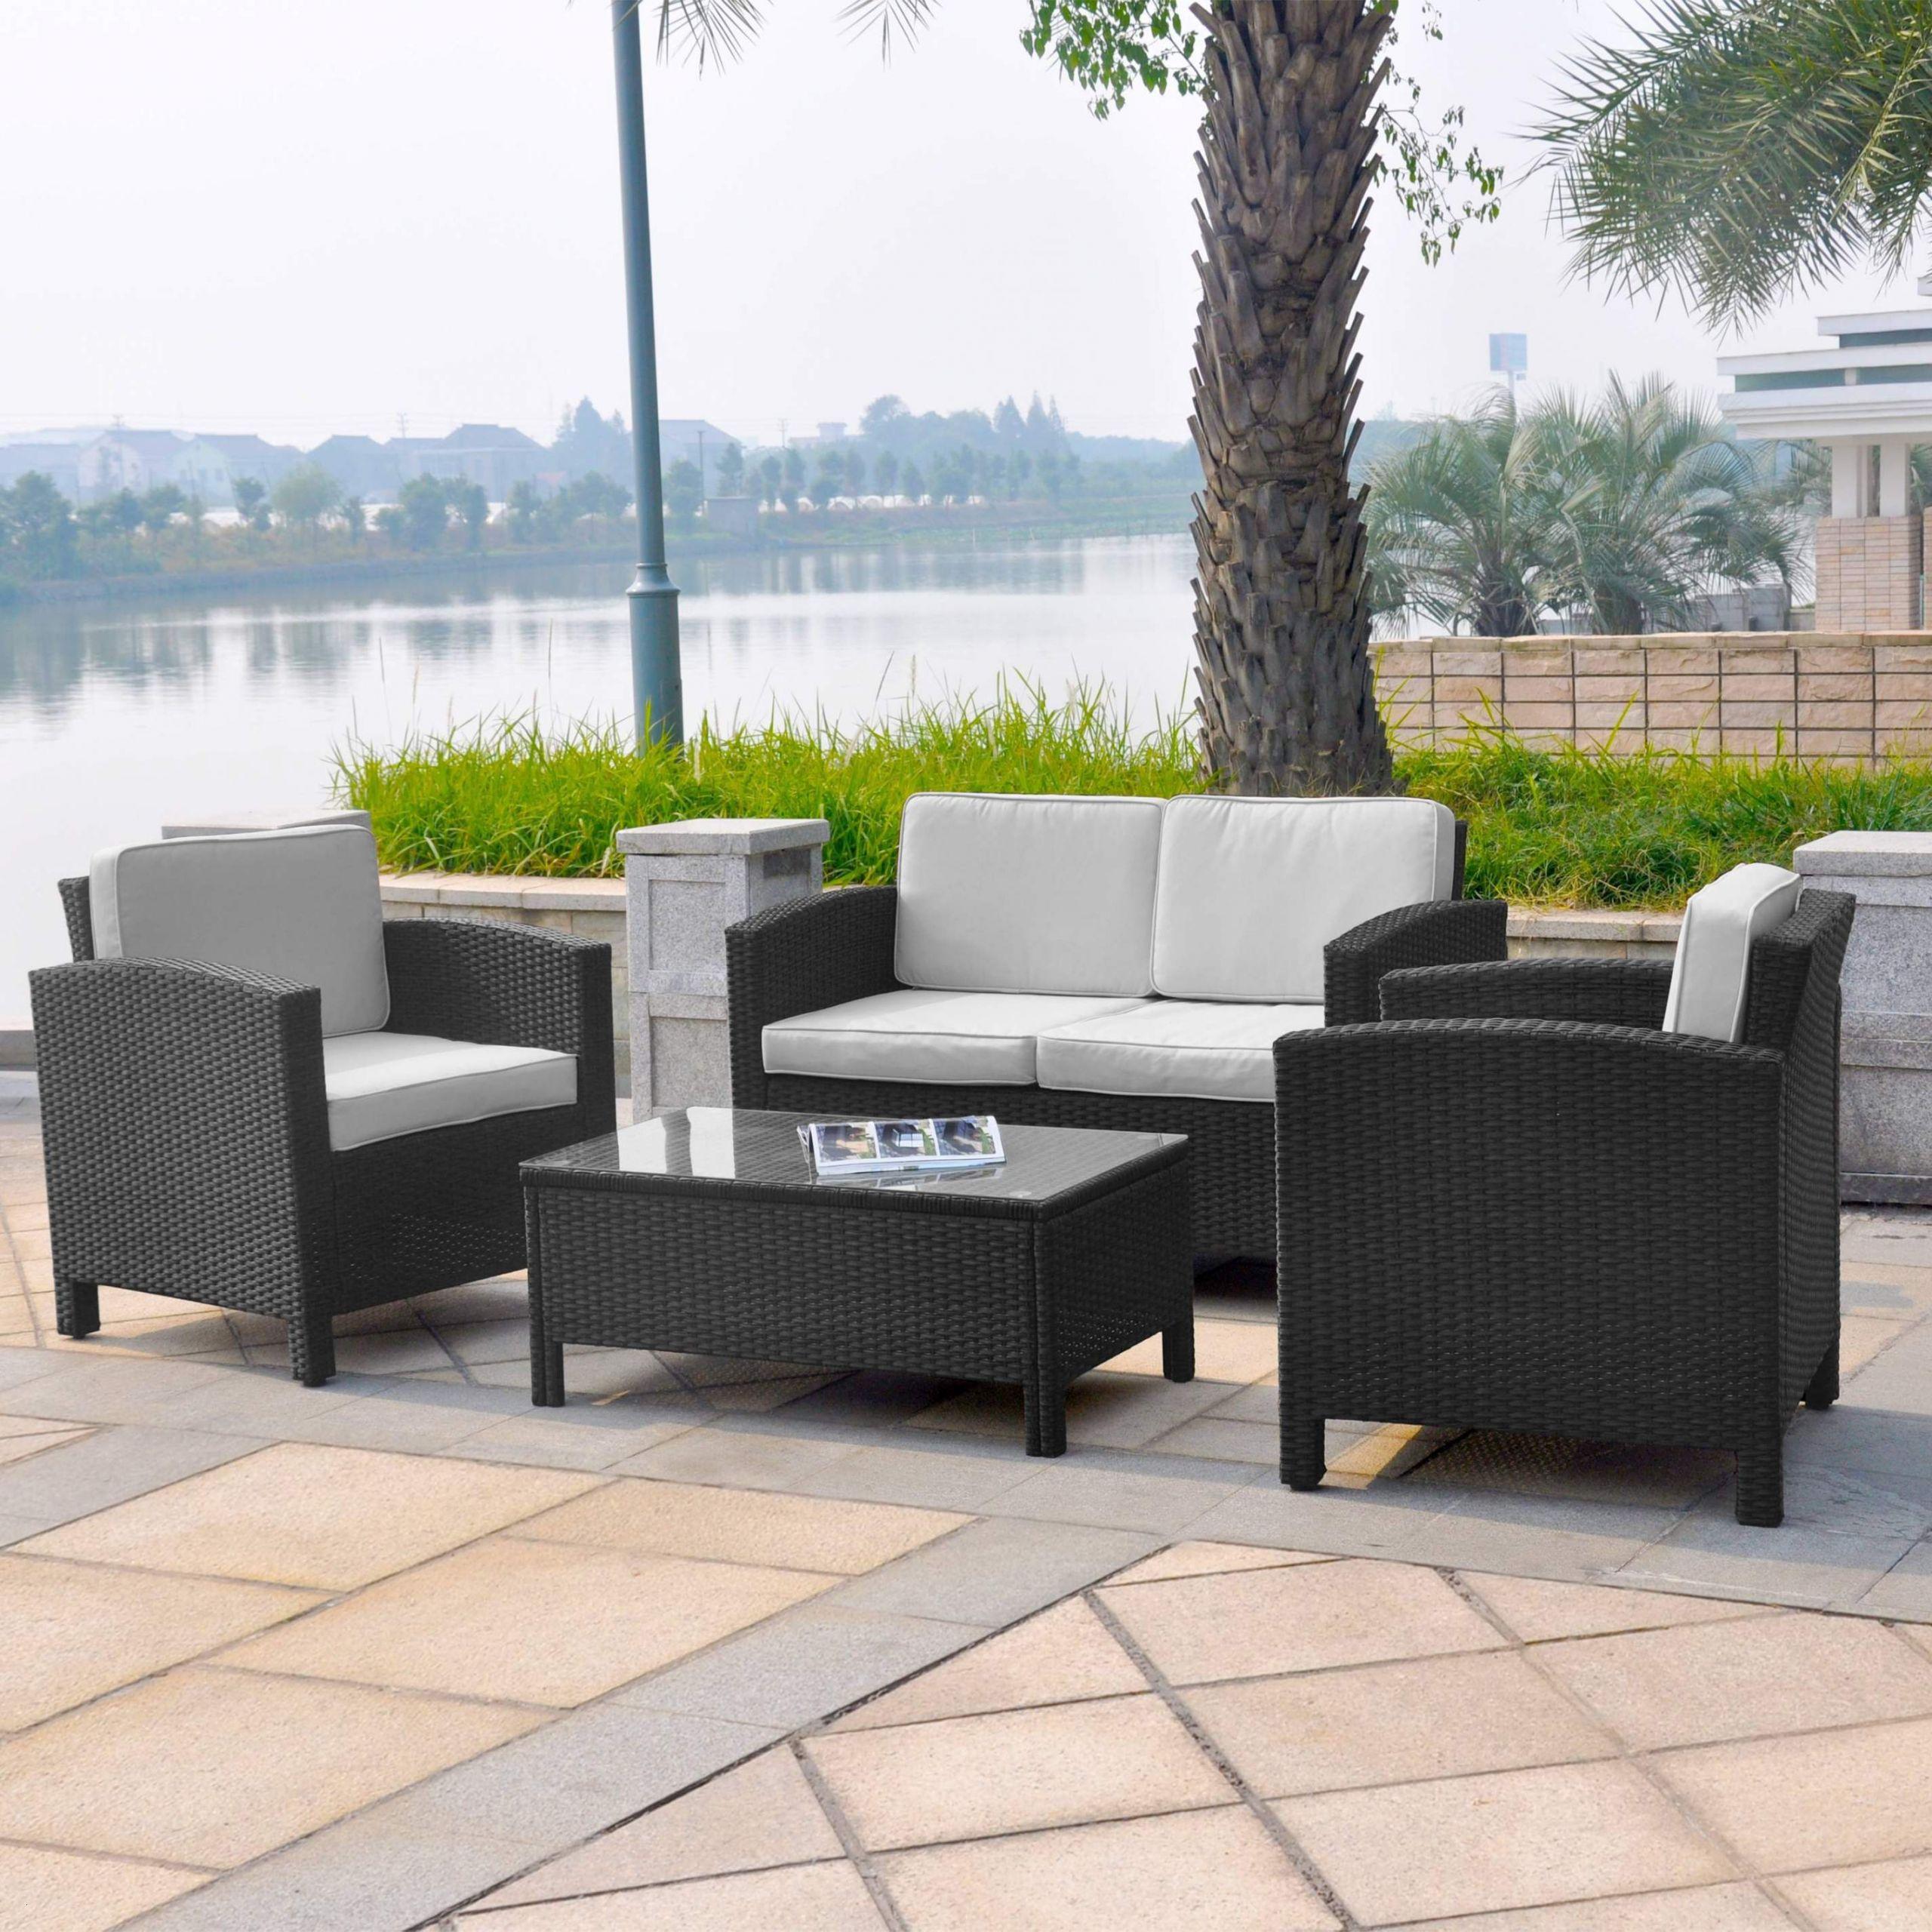 das beste von tisch fur balkon luxus gros fantastisch sofa balkon bank fur balkon bank fur balkon